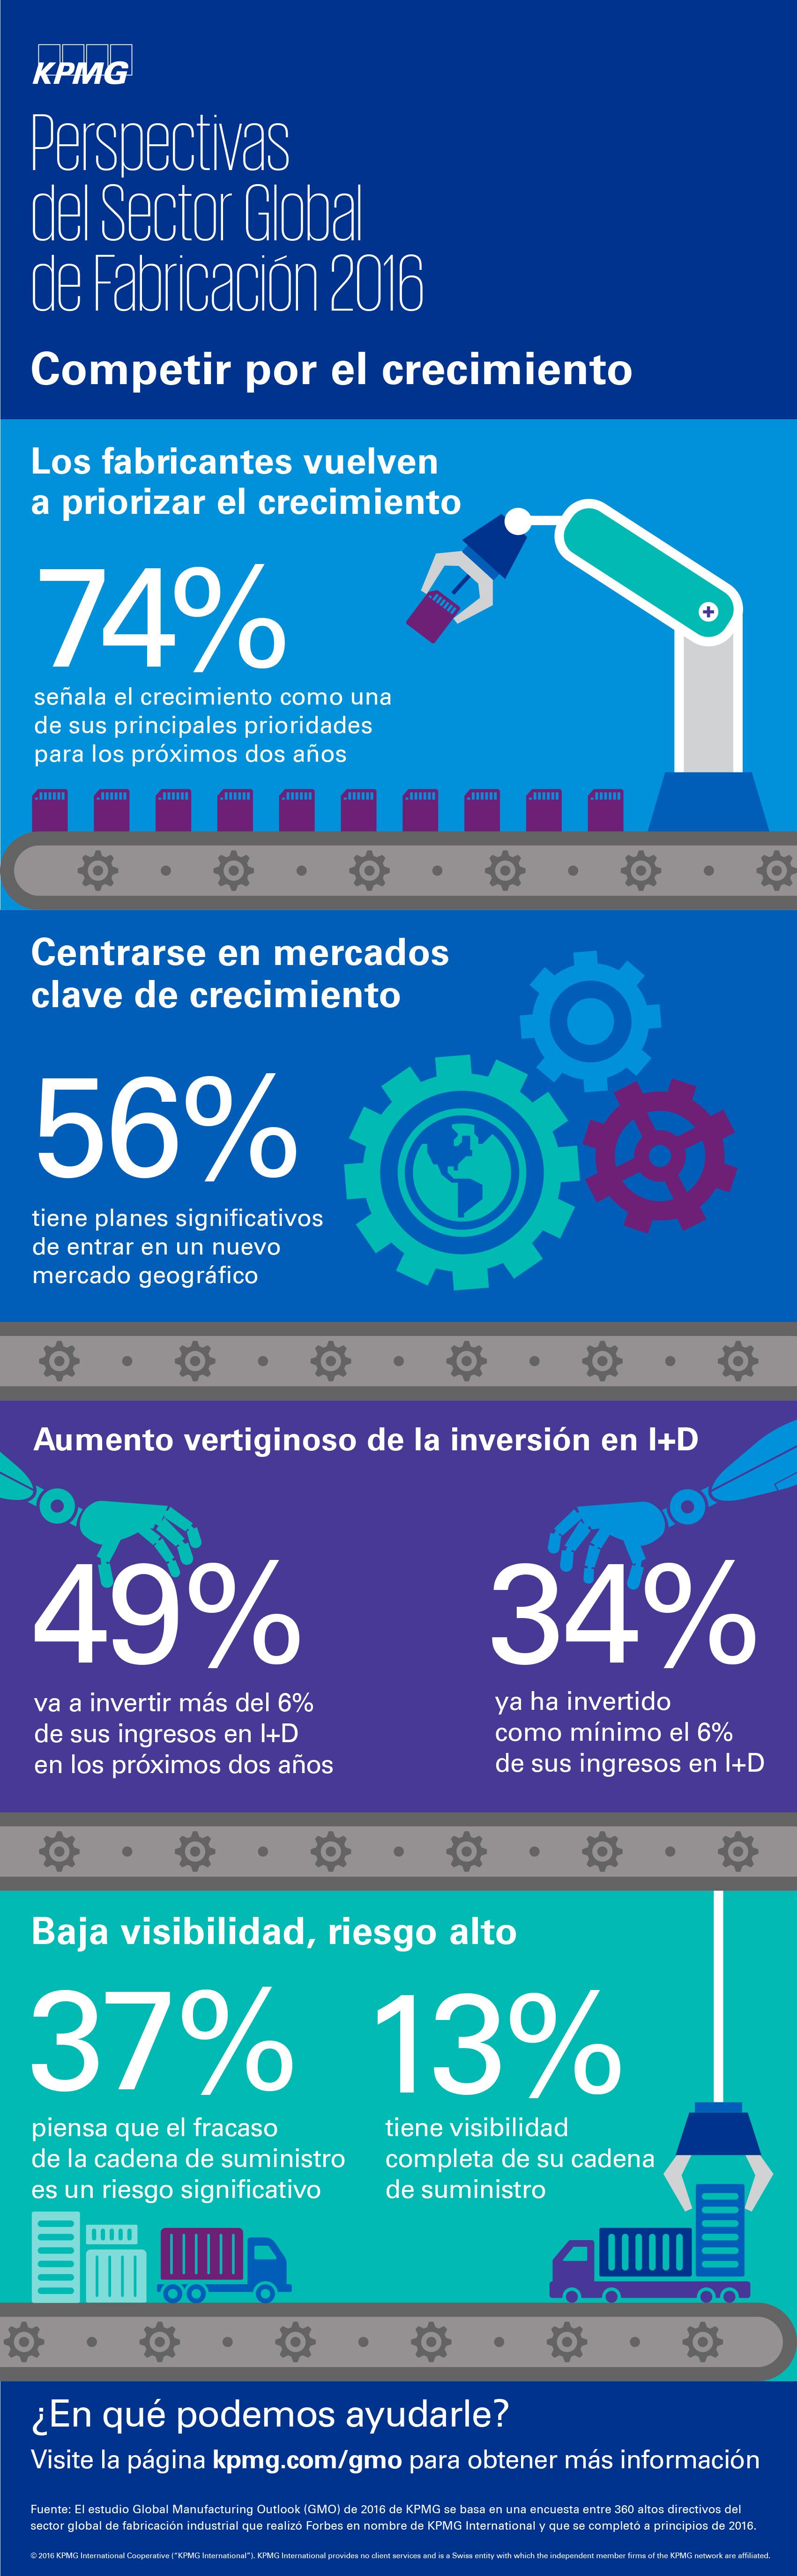 Infograía: Perspectivas globales del sector de fabricacion